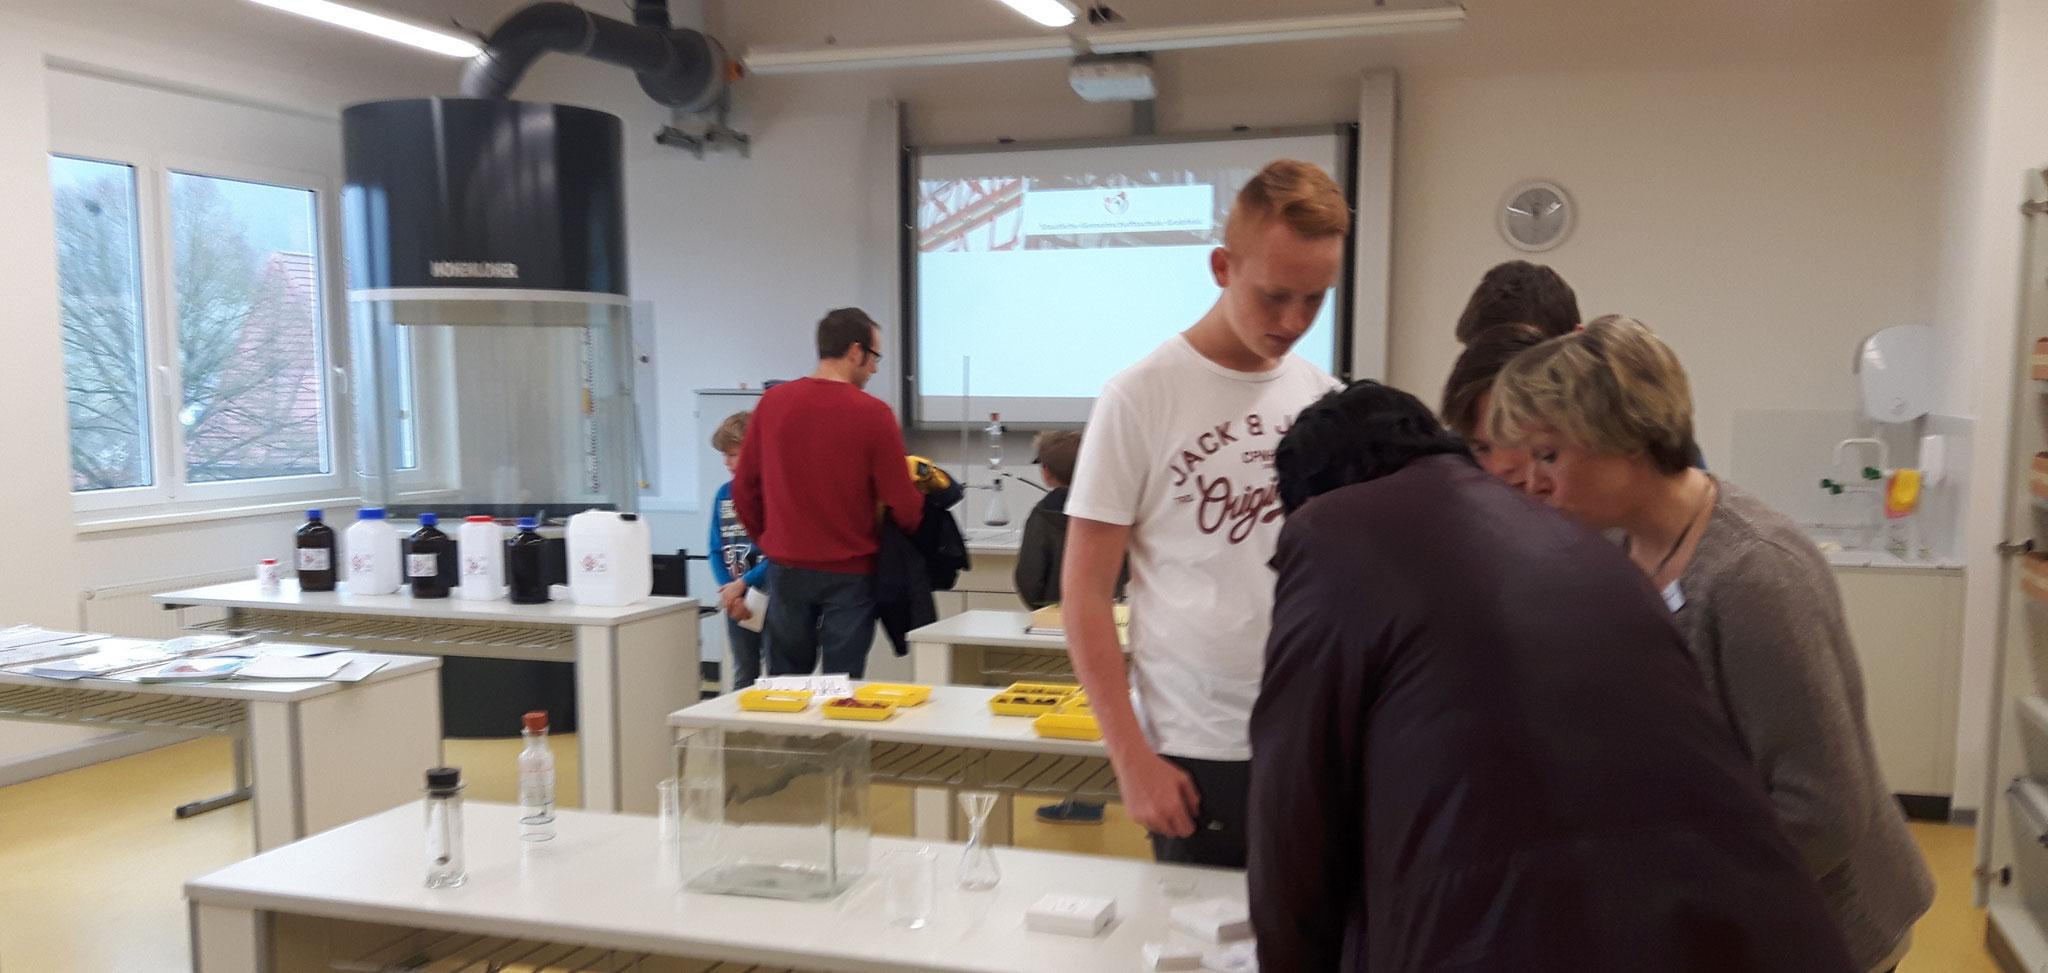 Inhalte des Chemieunterrichtes wurden (wie in allen anderen Fächer auch) durch die Schüler präsentiert.